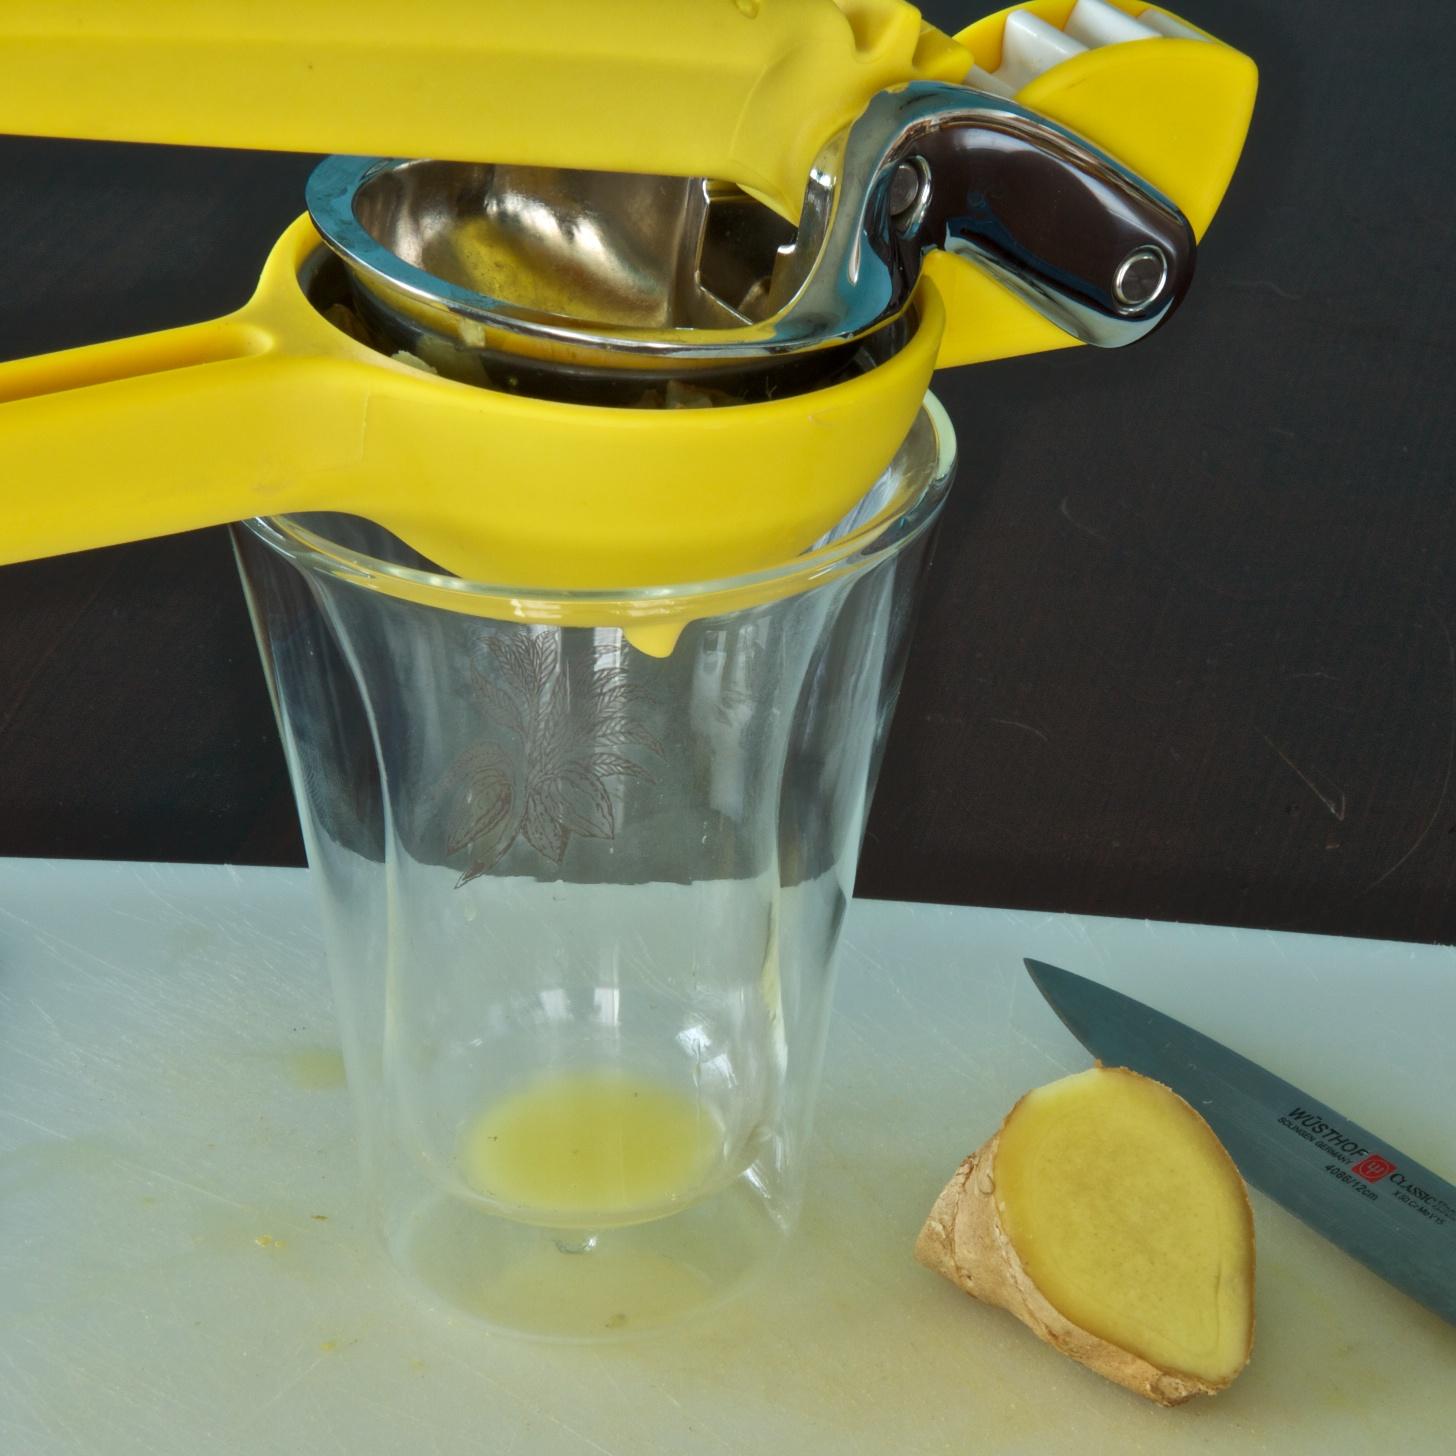 ginger juice maker